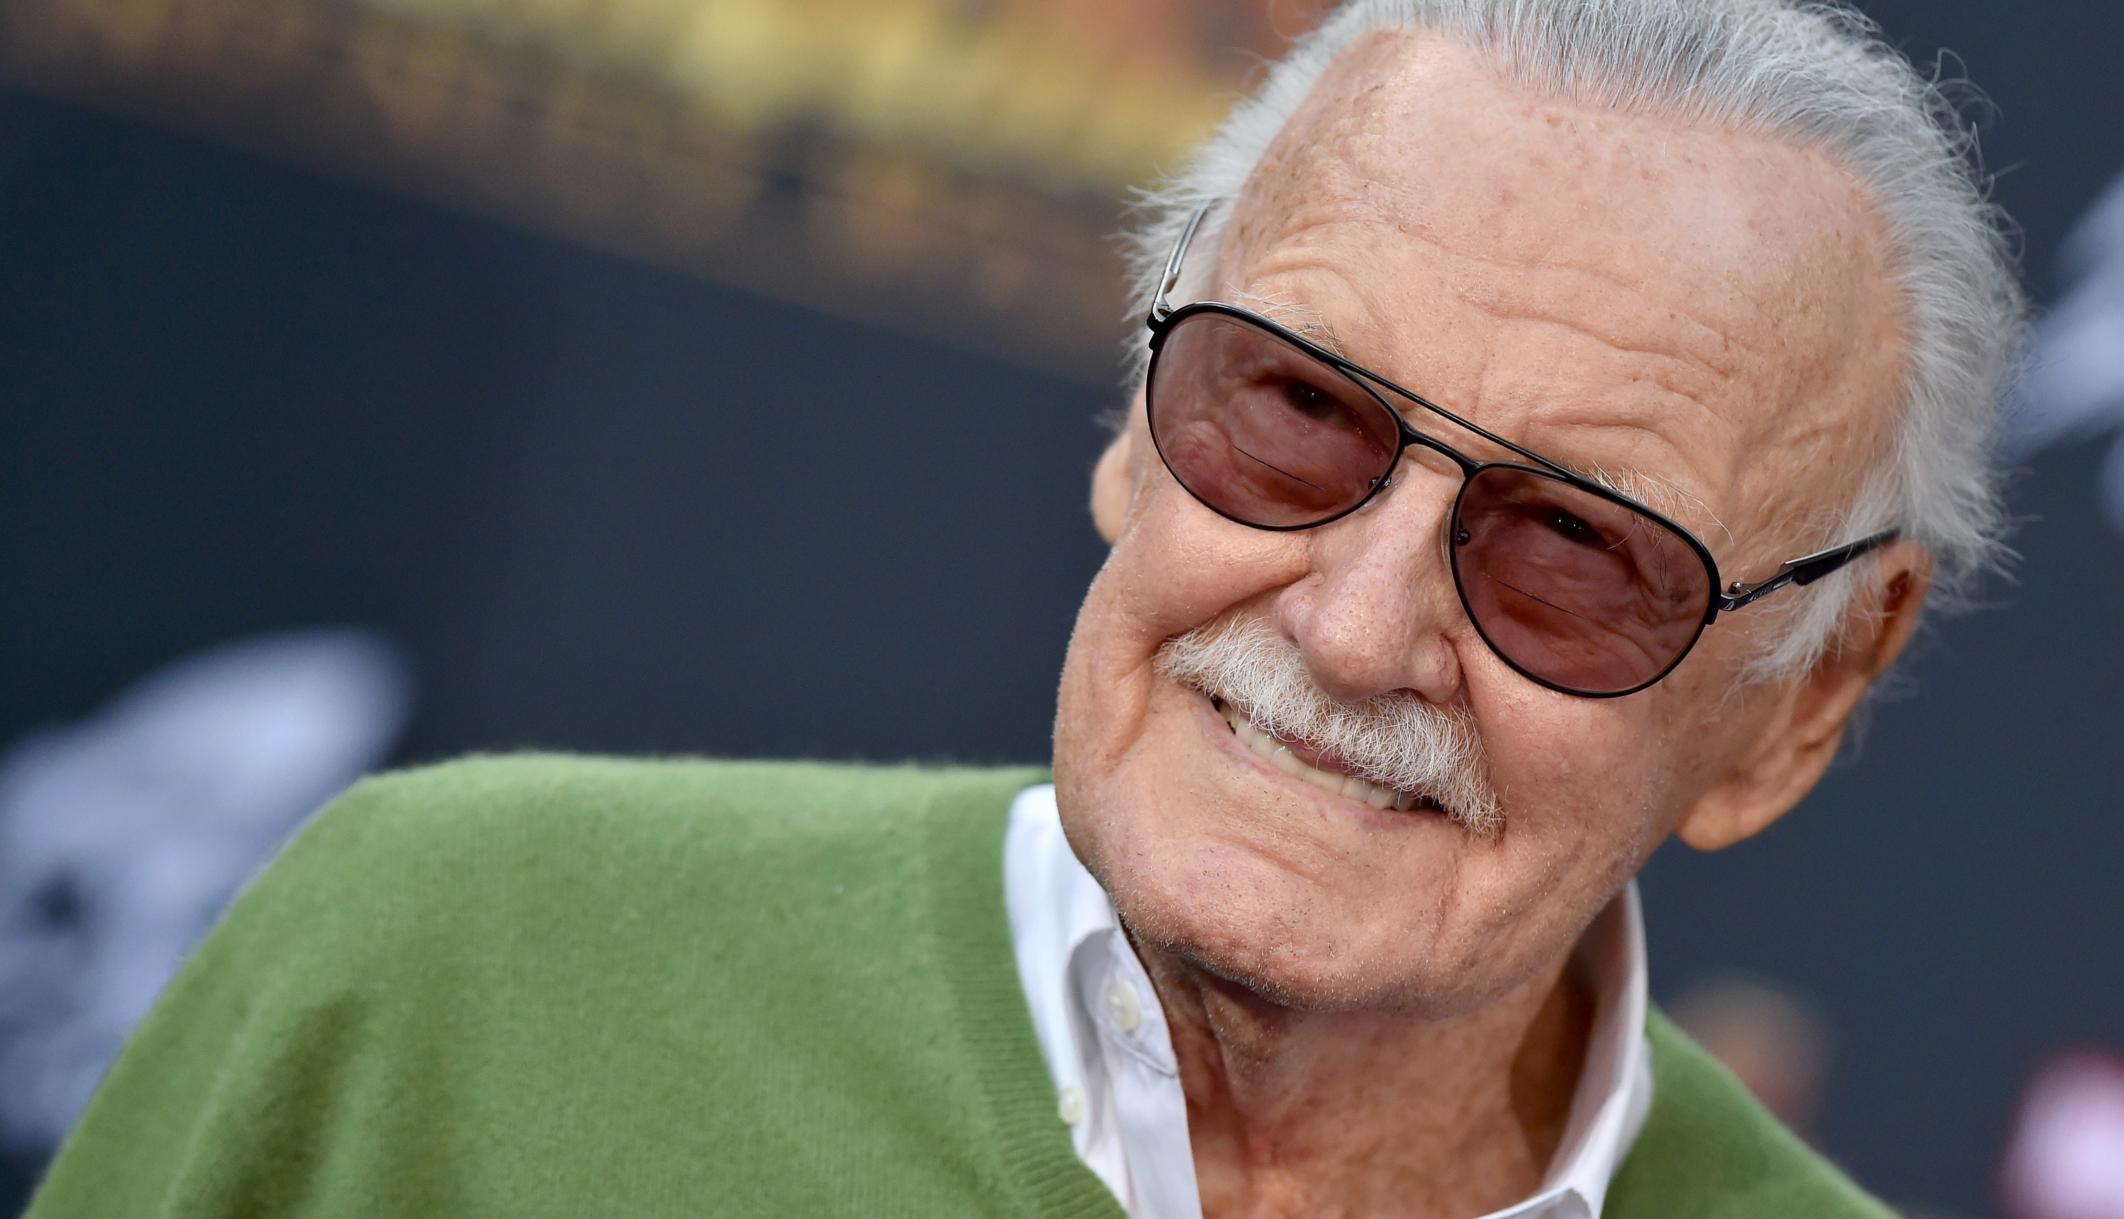 Marvel Founder Stan Lee Addresses Elder Abuse Rumors In